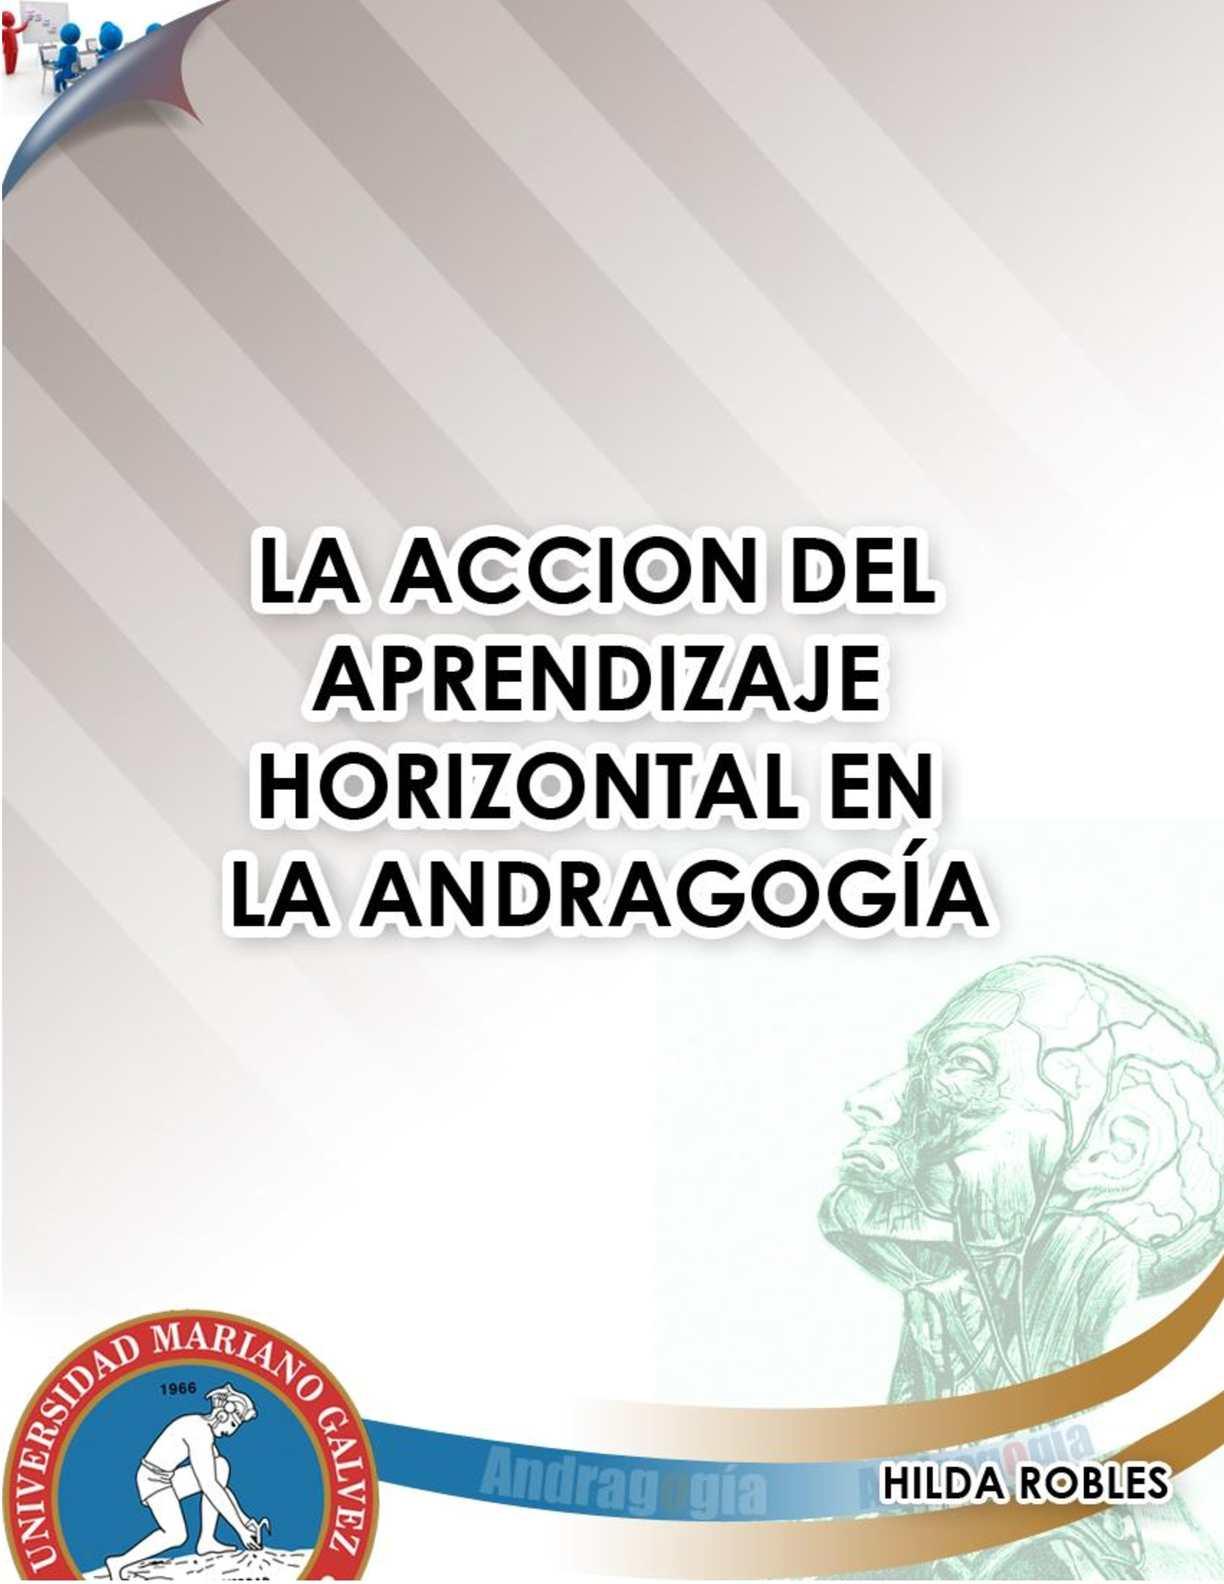 Horizontalidad y Participación en Andragogia